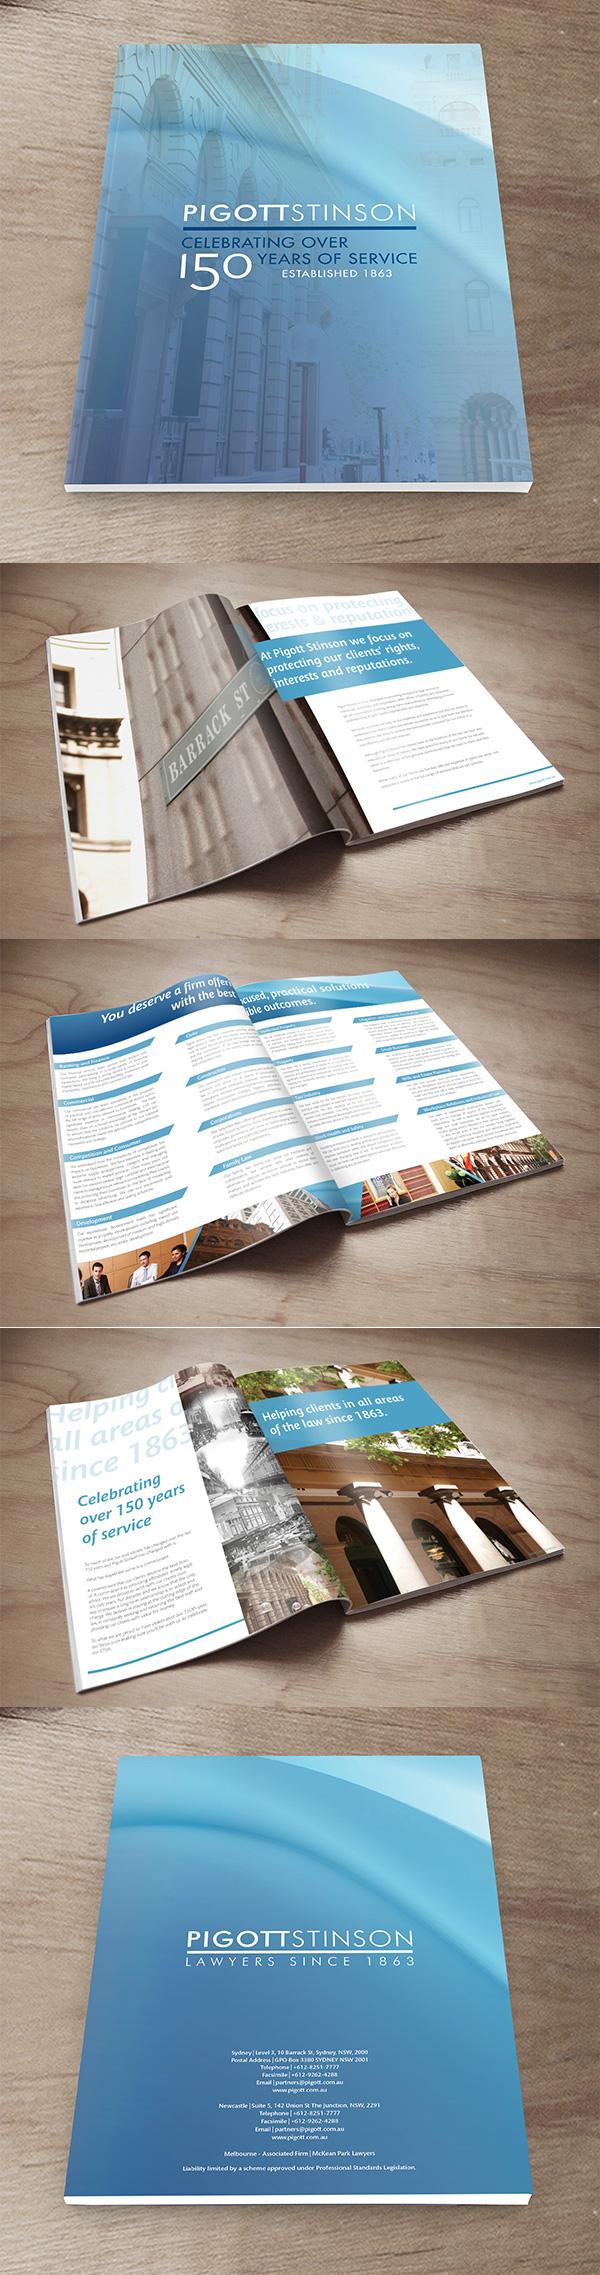 PS_brochure